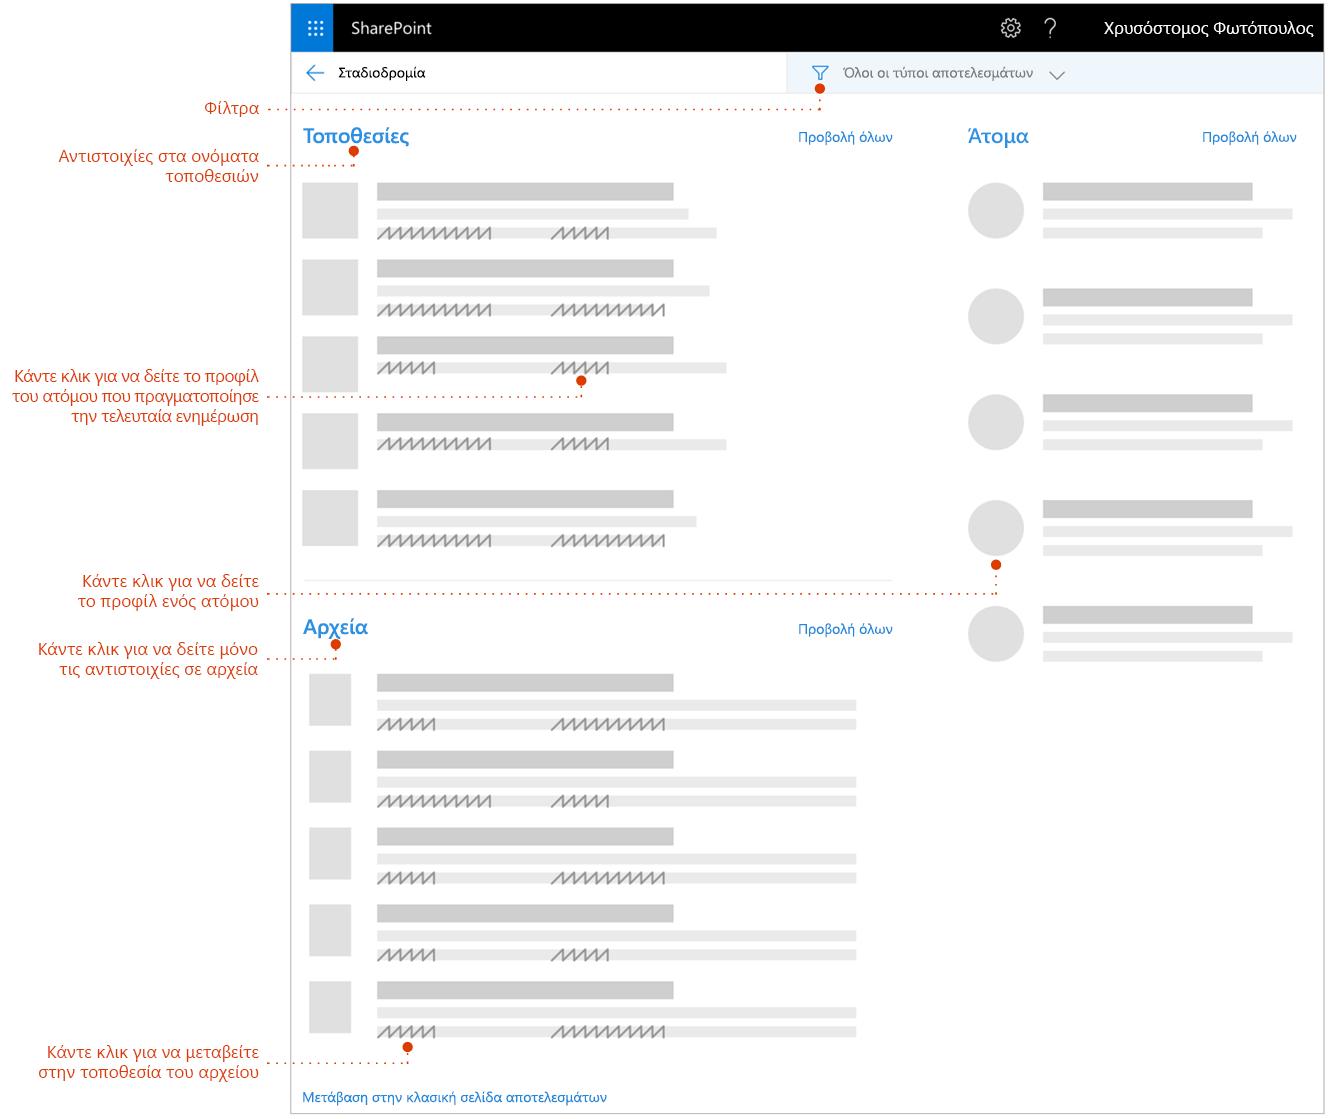 Στιγμιότυπο οθόνης της αναζήτησης αποτελεσμάτων σελίδα με δείκτες για στοιχεία για να εξερευνήσετε.